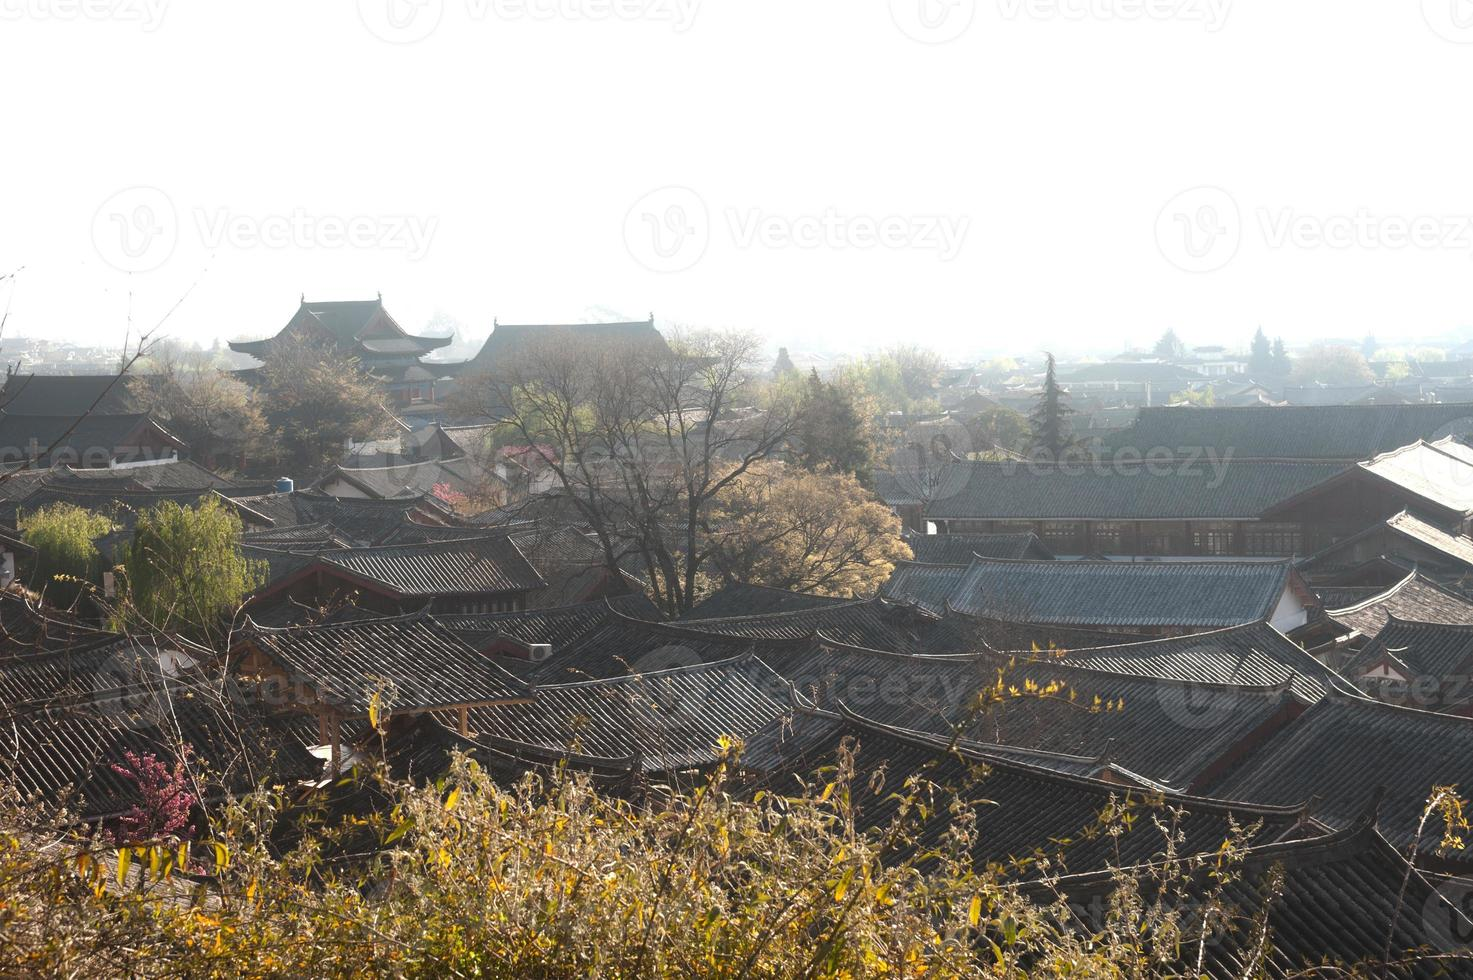 toits de l'ancienne vieille ville historique de lijiang dayan. photo